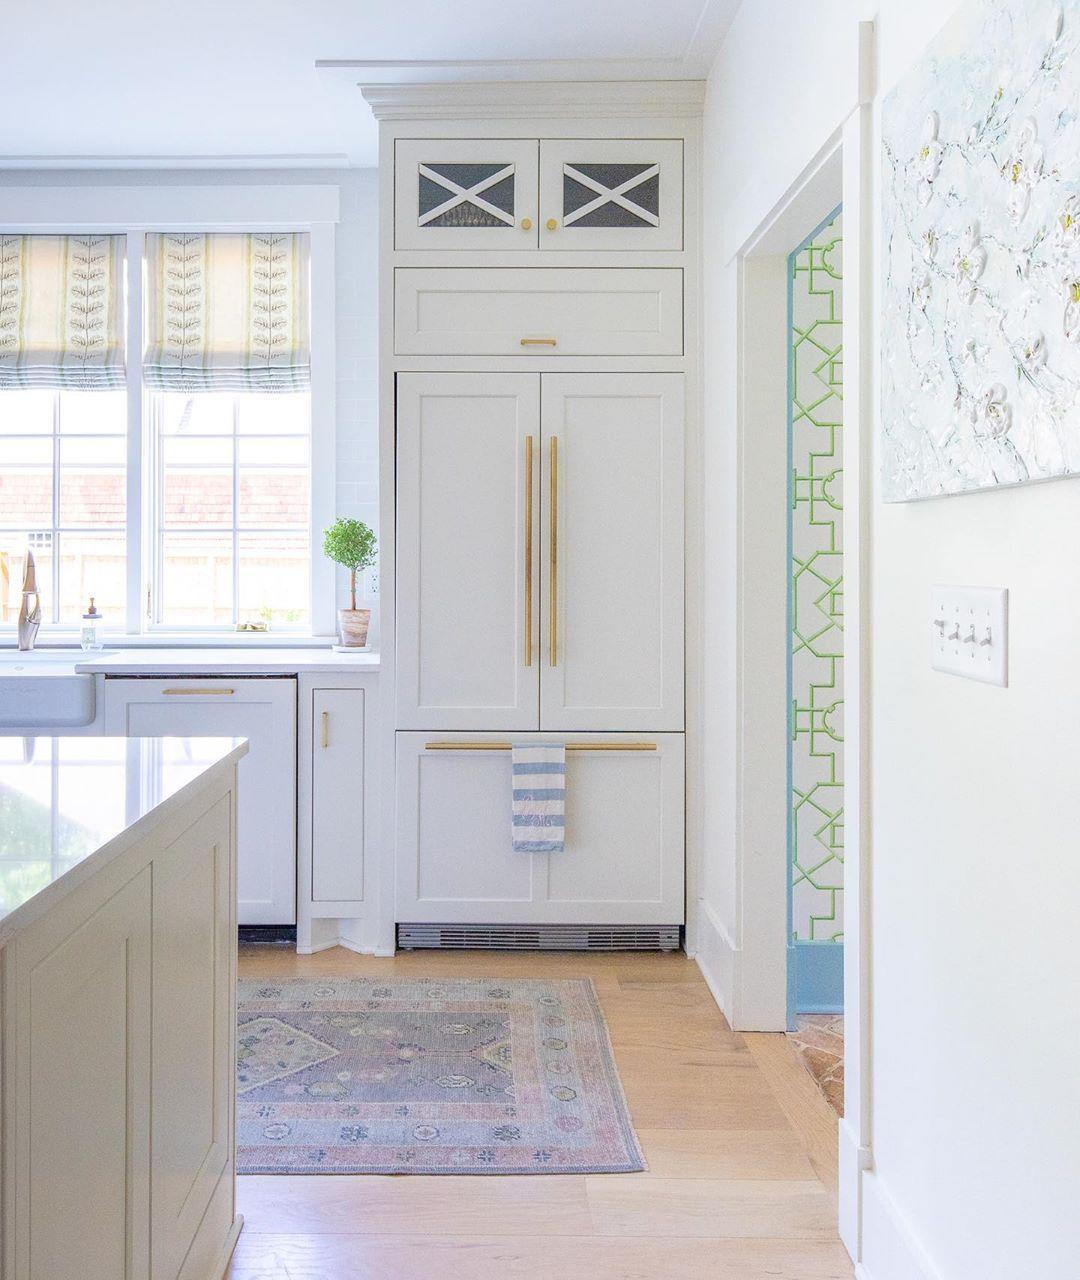 paneled refrig gold hardware oshauk rug white kitchen white paneling white appliances interior on kitchen remodel gold hardware id=26239